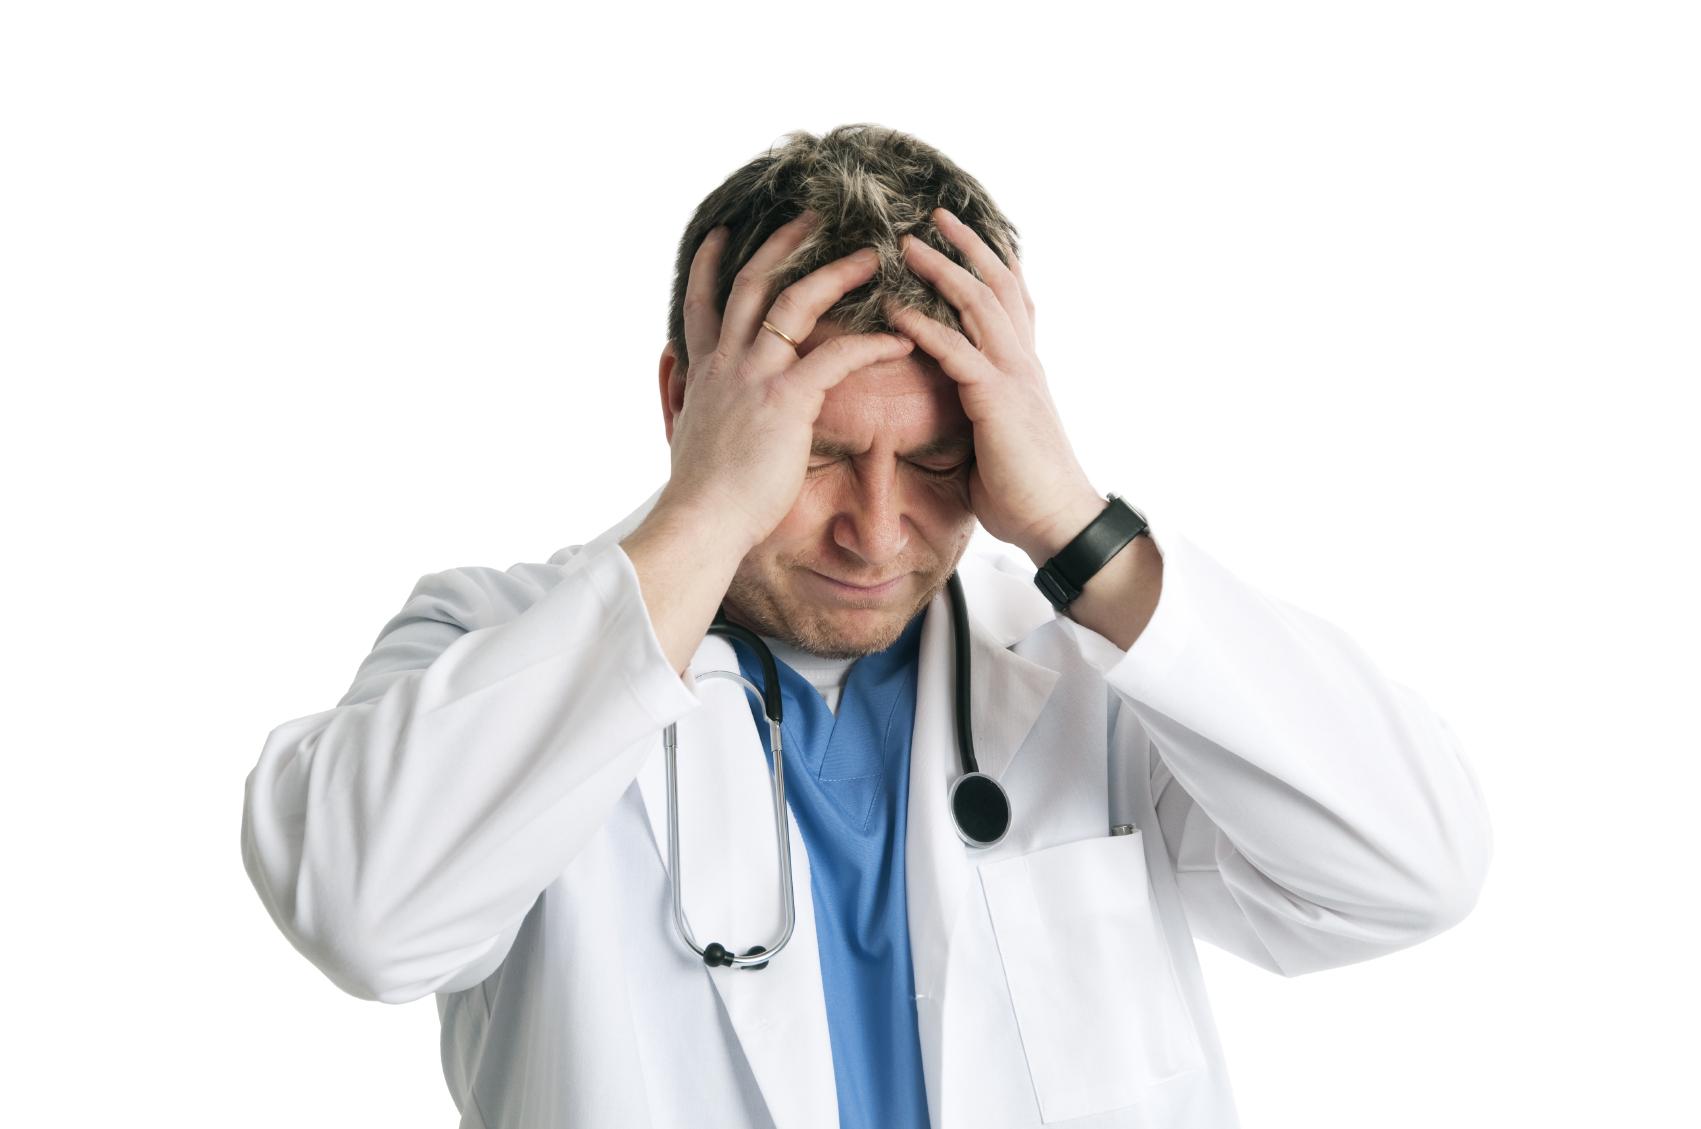 annoyed-doctor.jpg